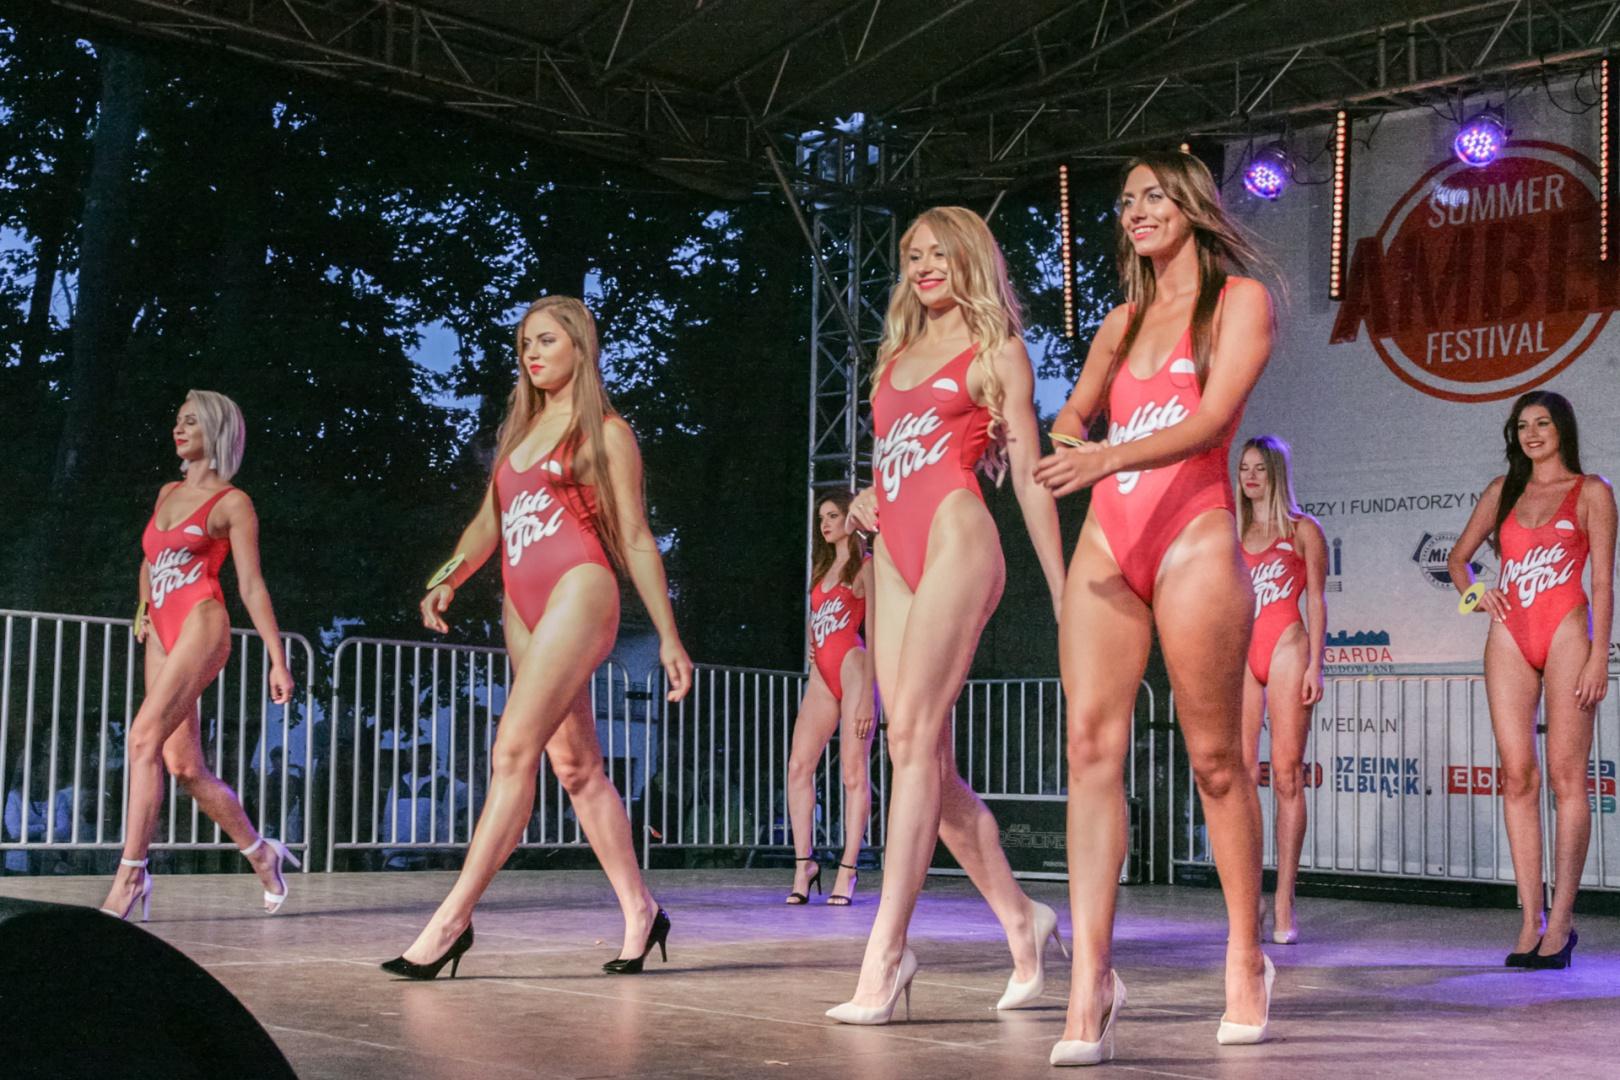 Finał Wyborów Bursztynowej Miss Polsk na Mamry Music Festival 2020